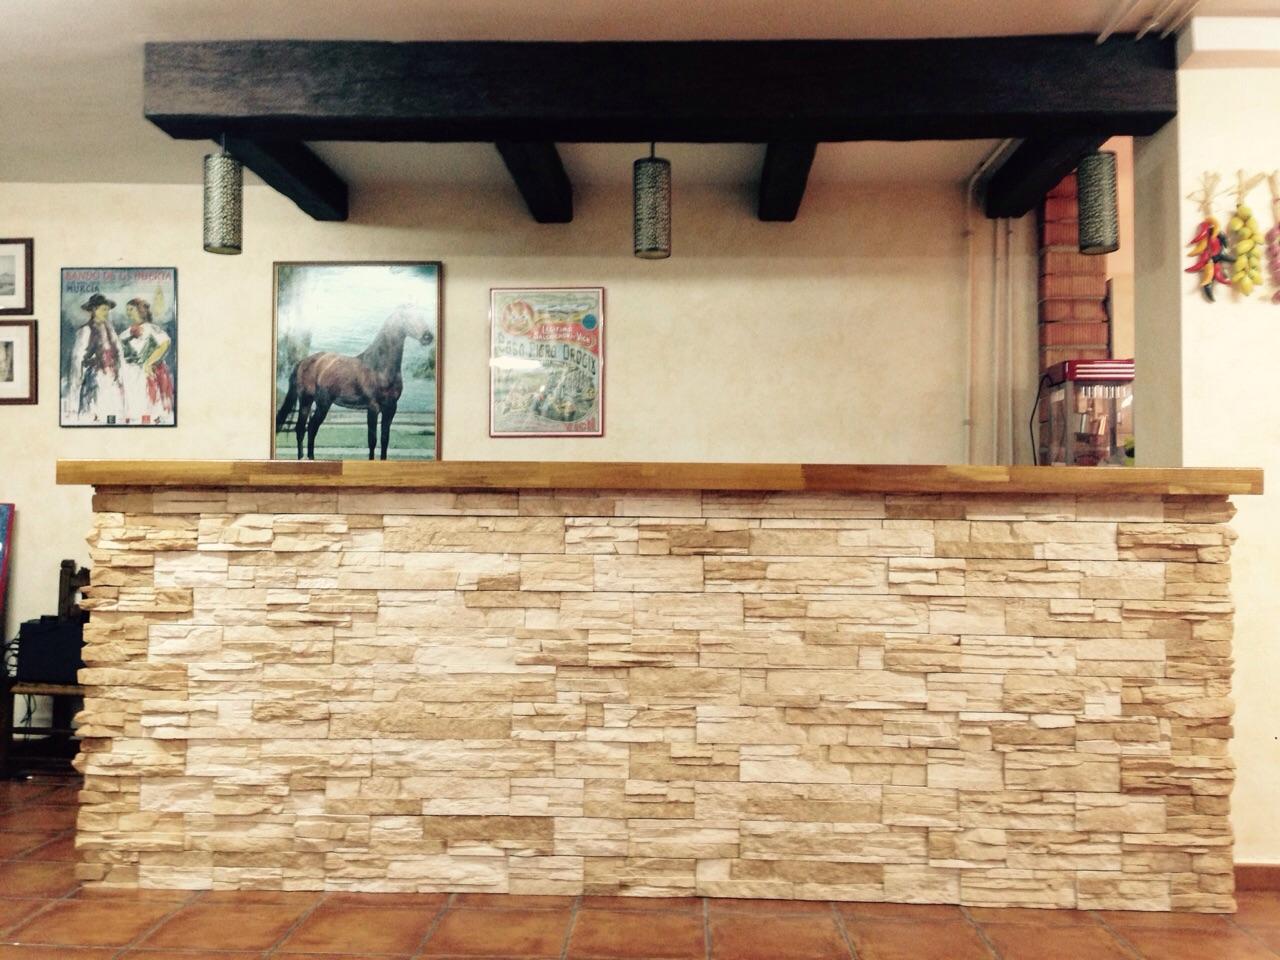 Construcci n de barra de bar - Barra de bar salon ...